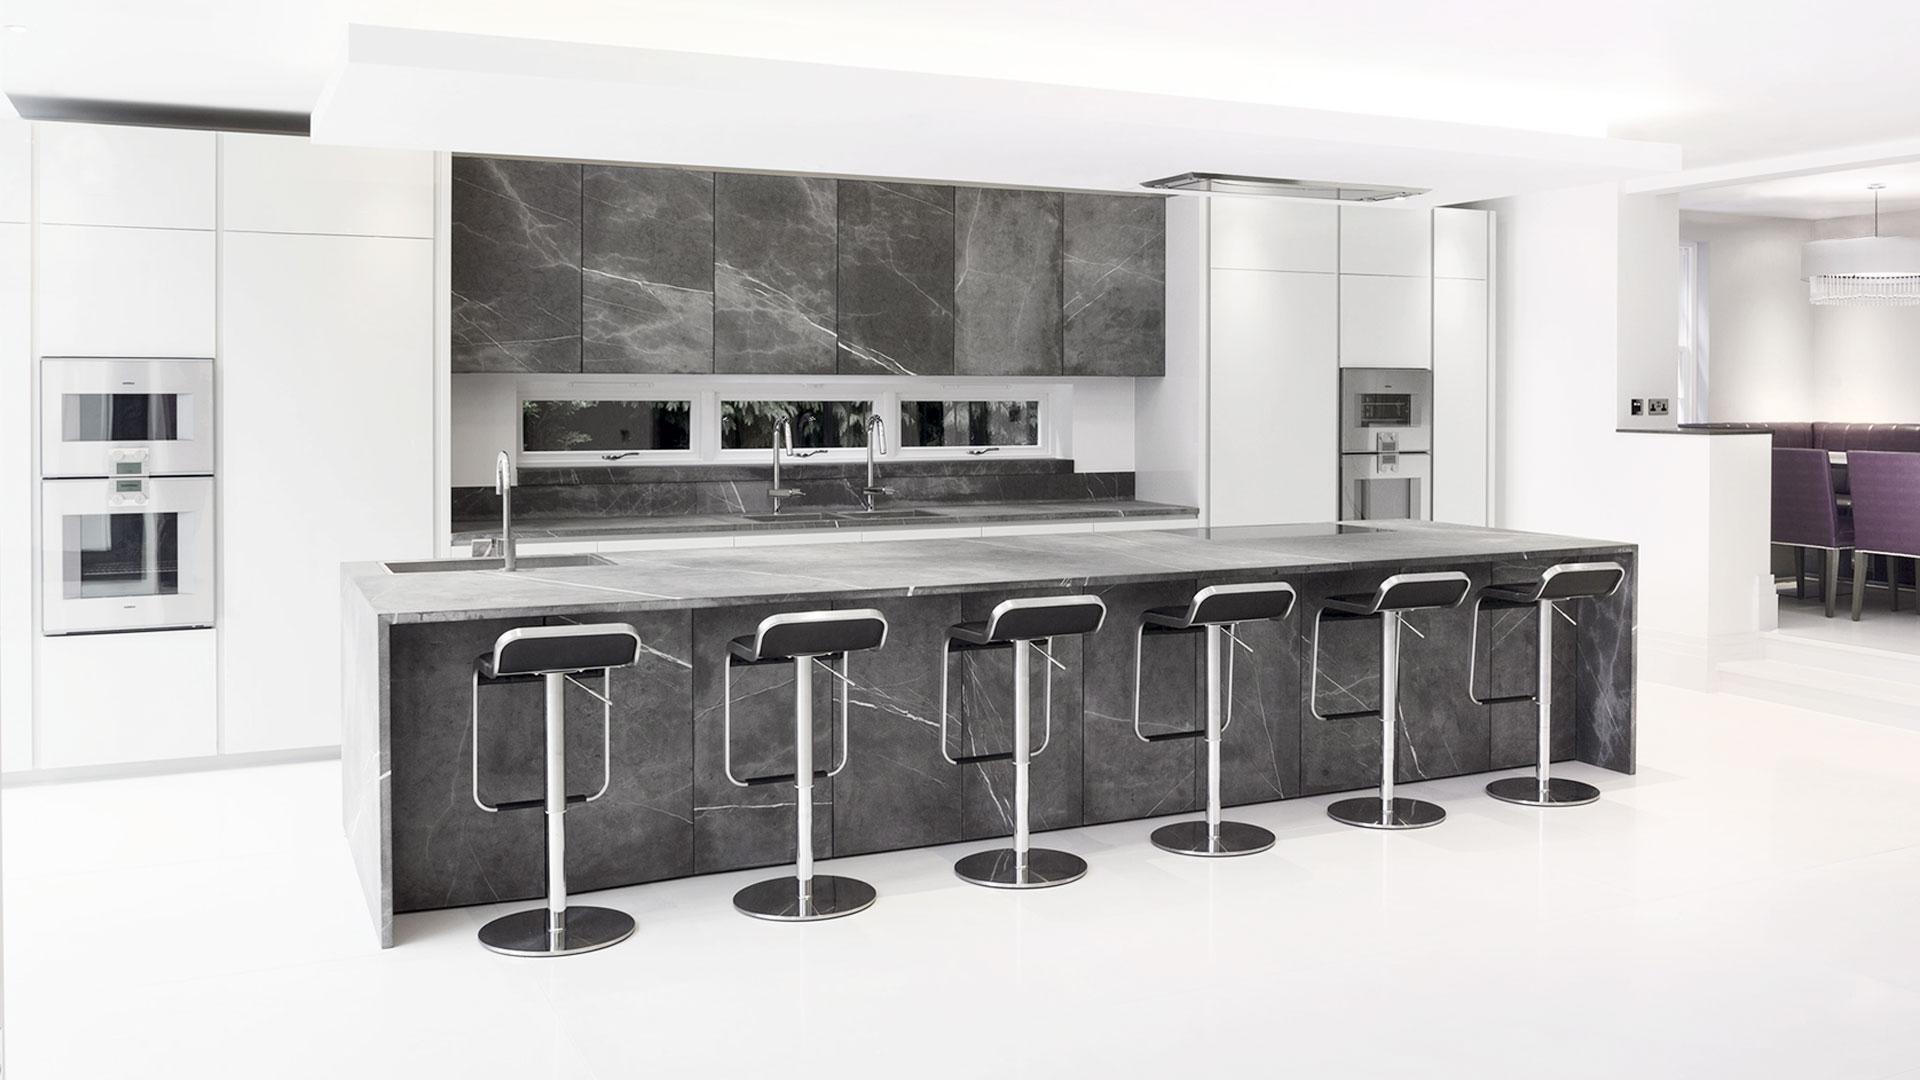 Cucina in pietra con isola open space for Cucina open space con pilastri